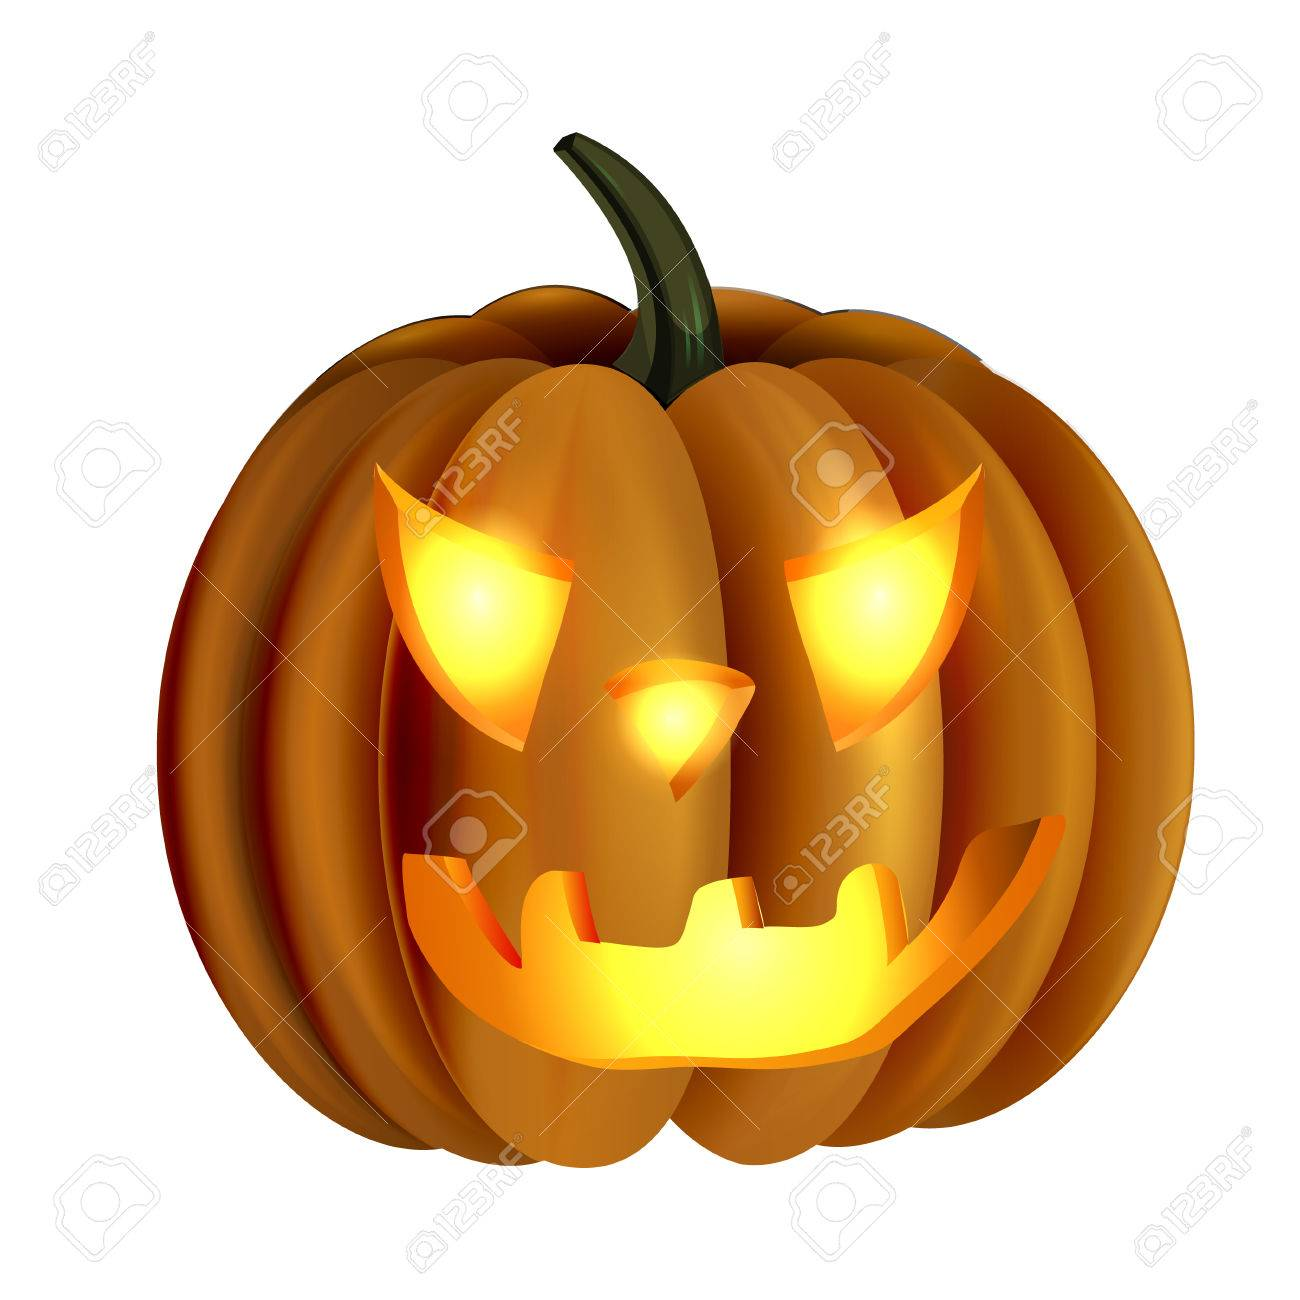 怖いジャック O ランタンのハロウィンかぼちゃのイラスト素材ベクタ